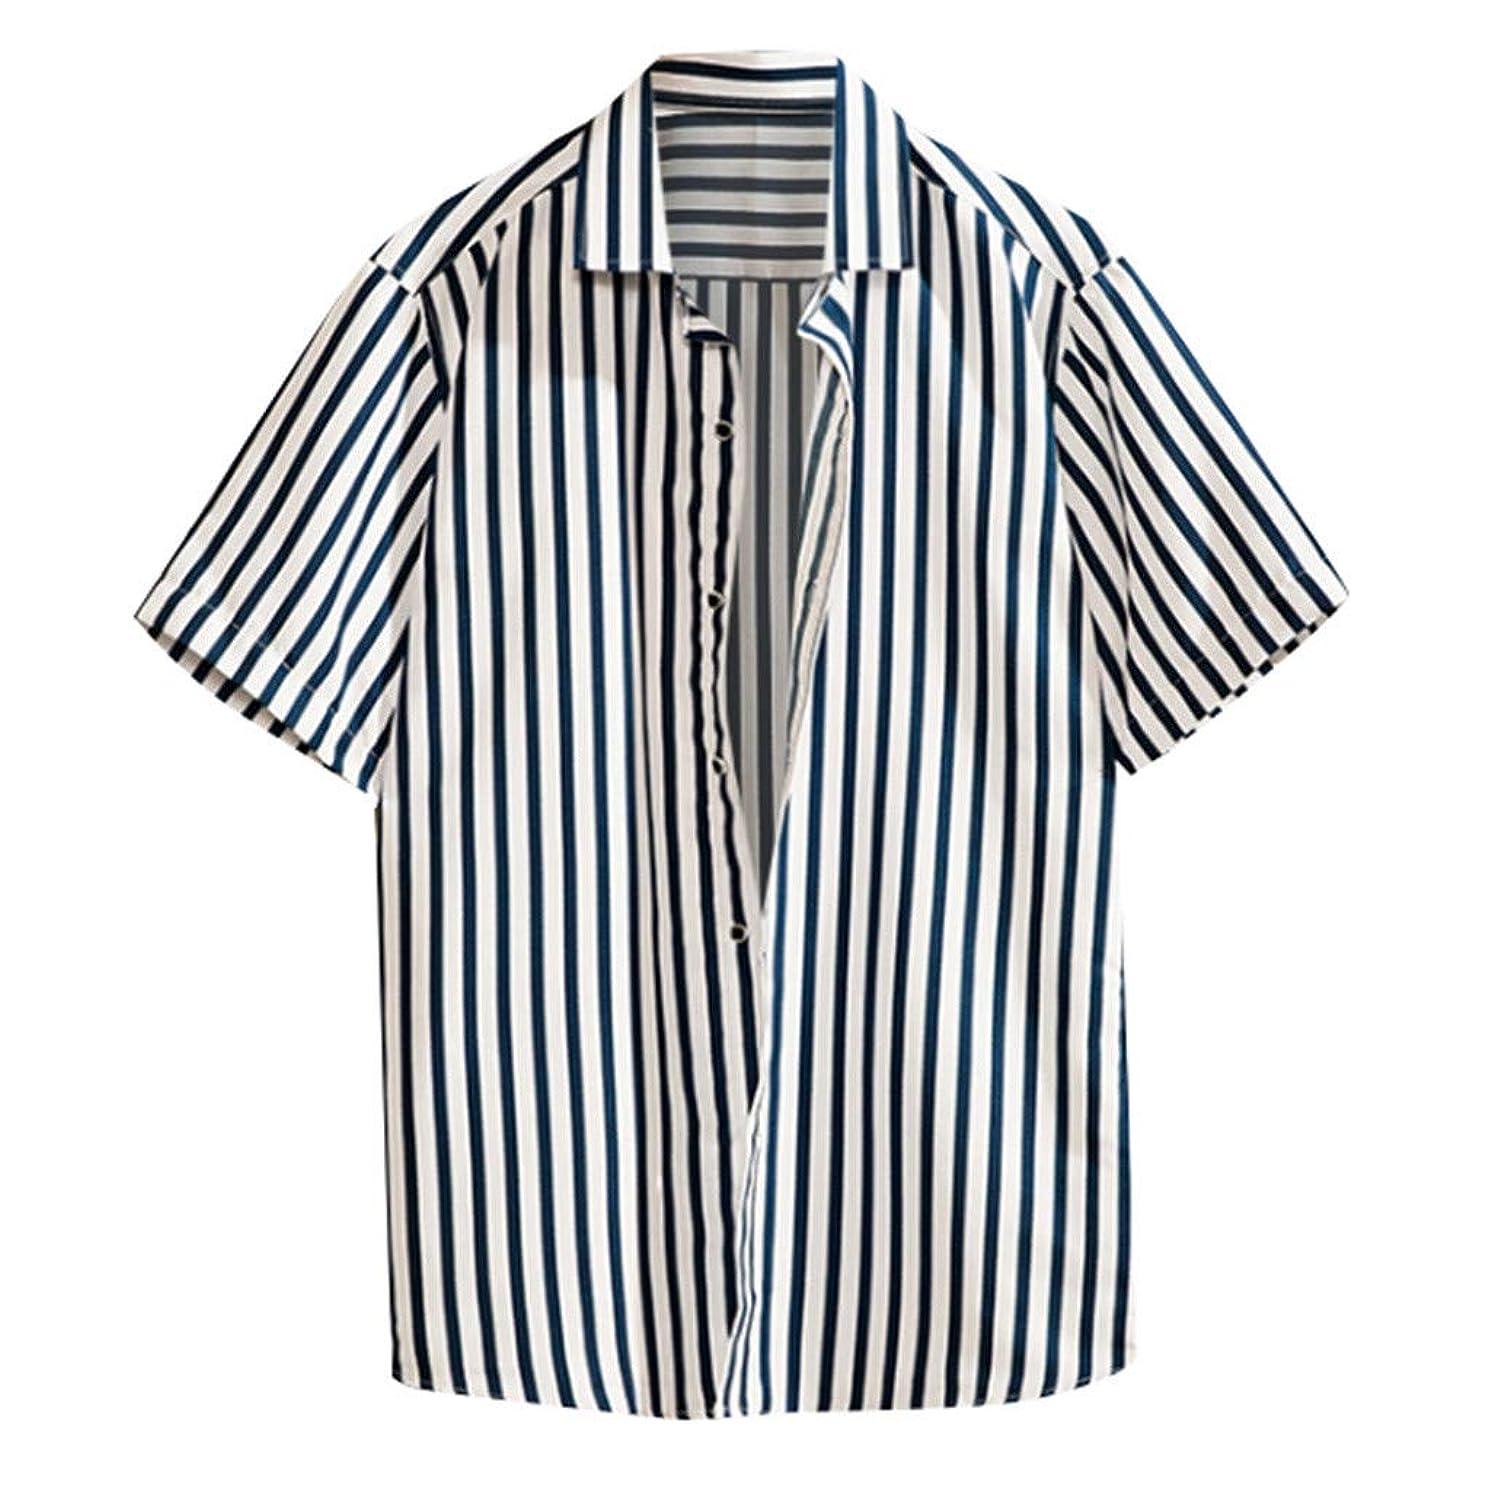 JJLIKER Men's Fashion Short Sleeve Button Down Shirt Casual Vertical Striped Dress Shirt Regular Fit Tees Tops M-4XL